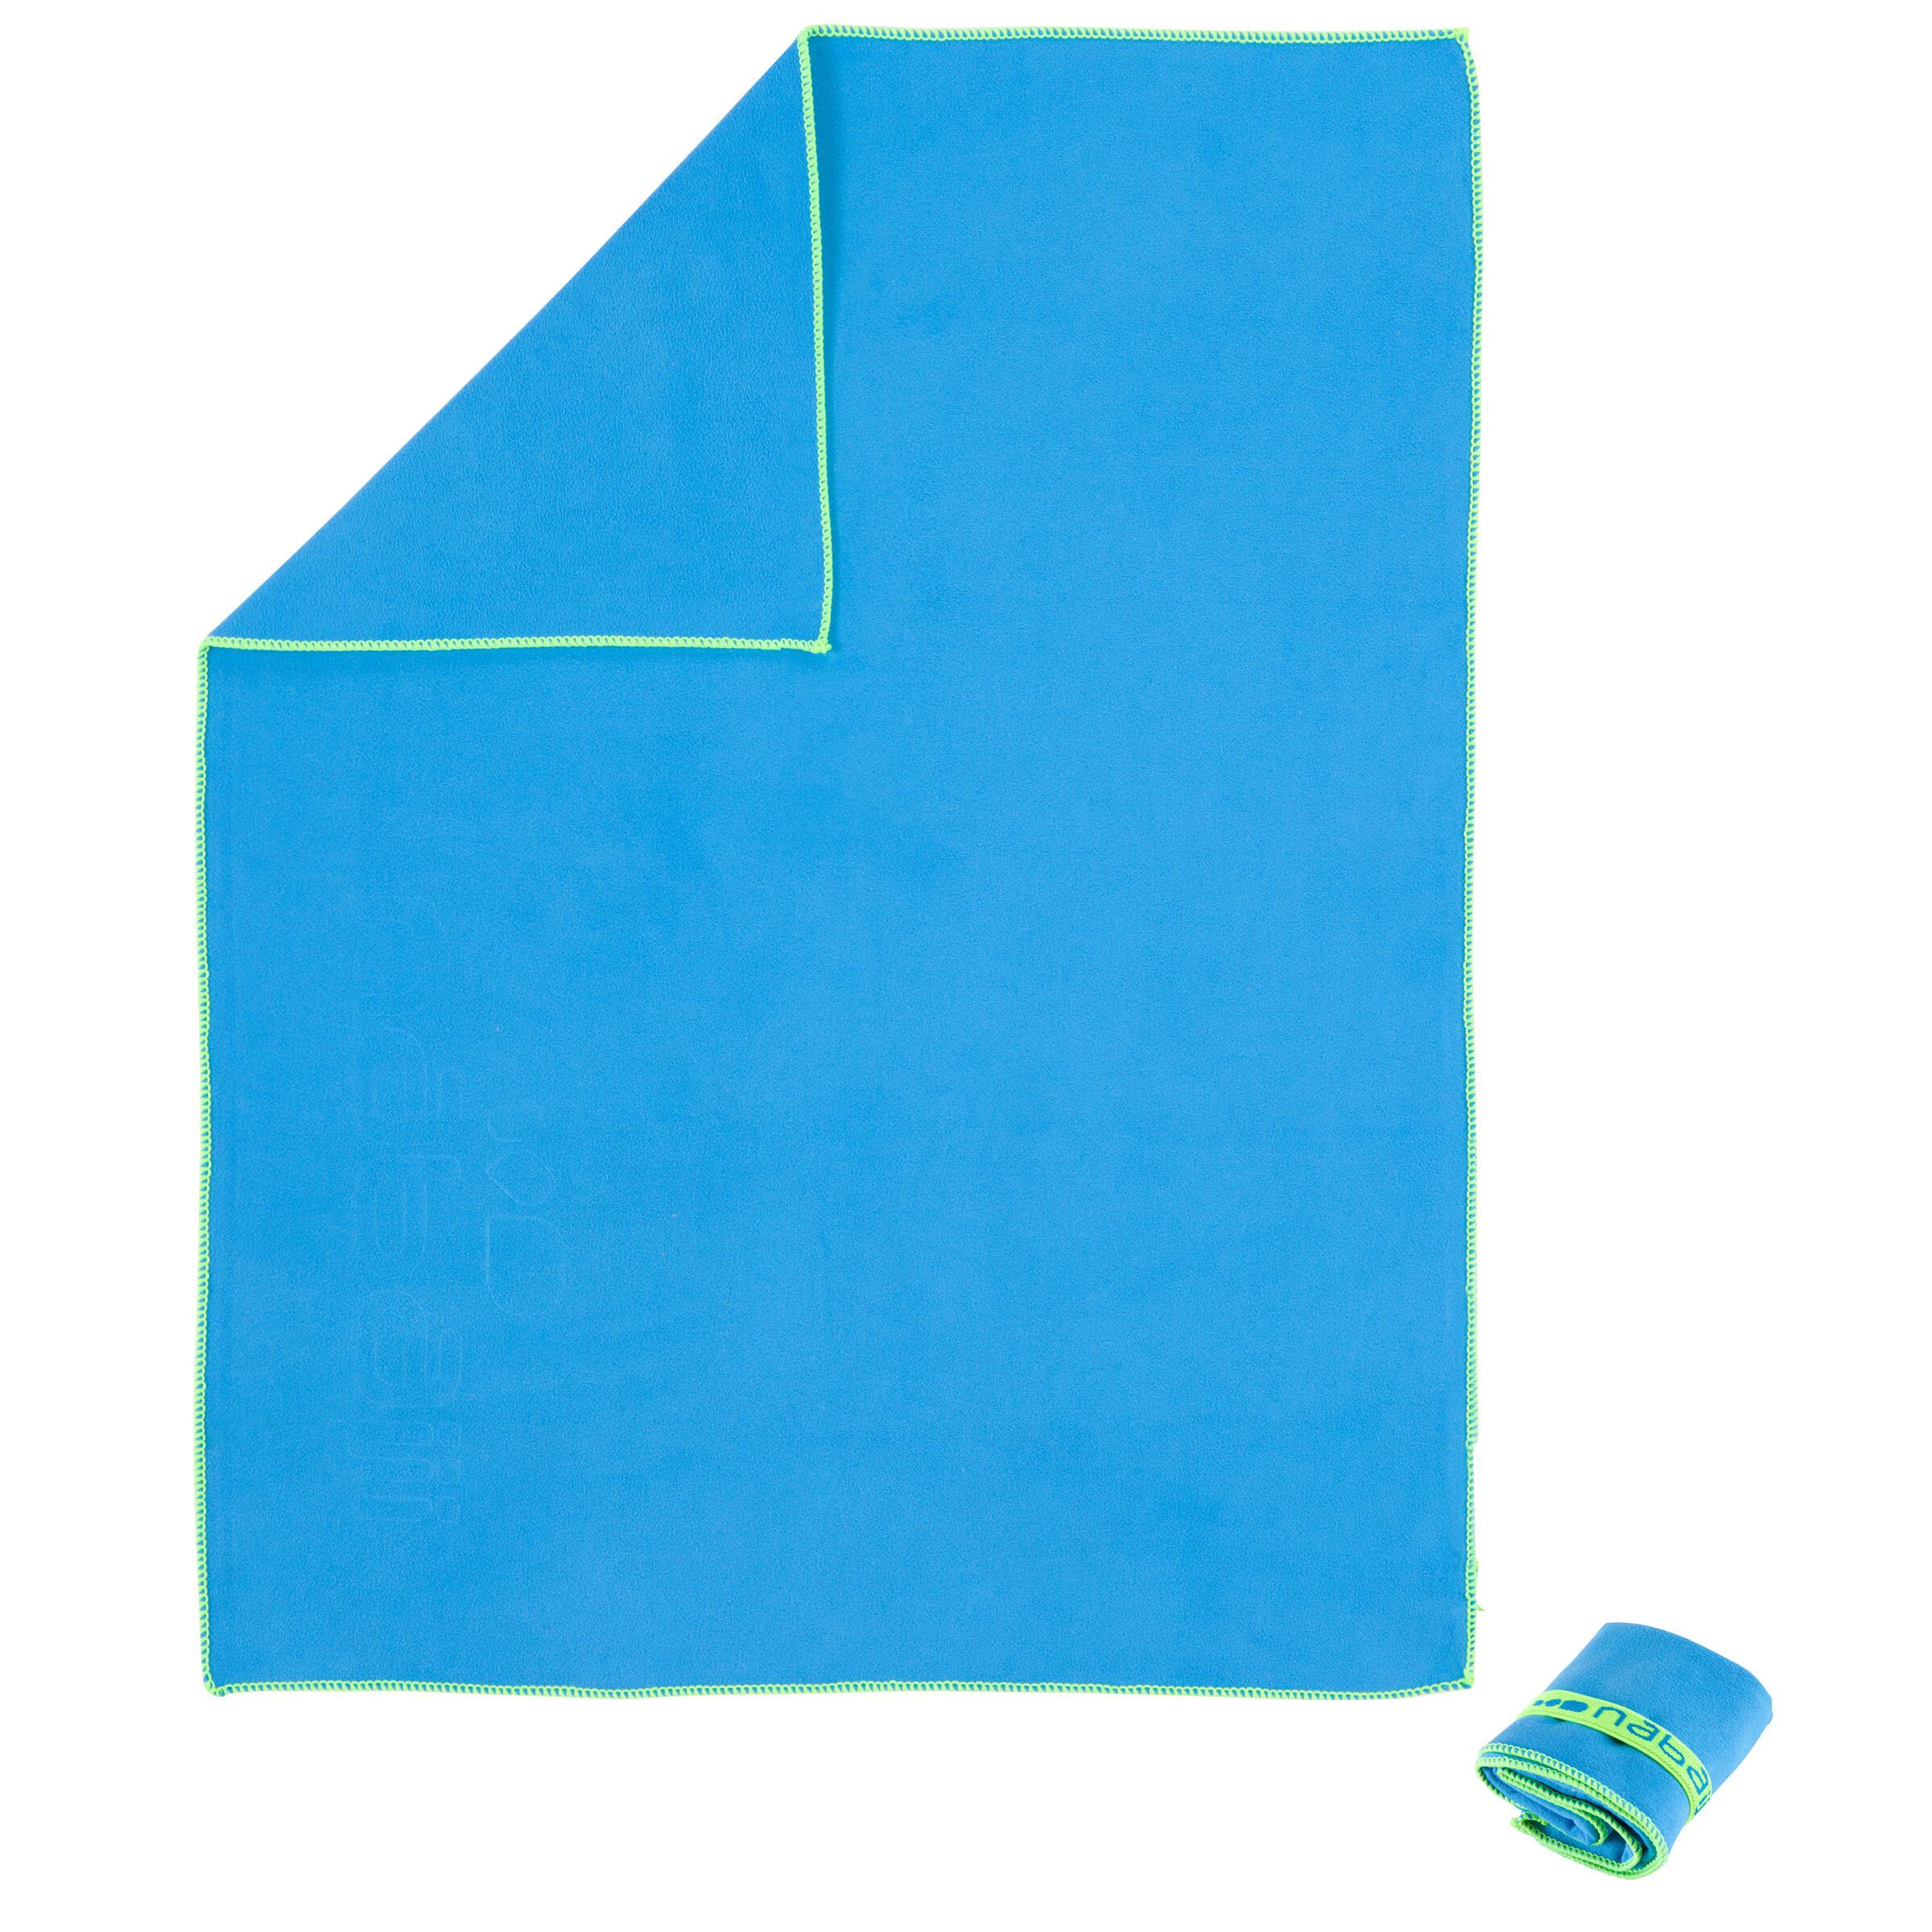 Microfibre towel size S 42 x 55 cm - Blue